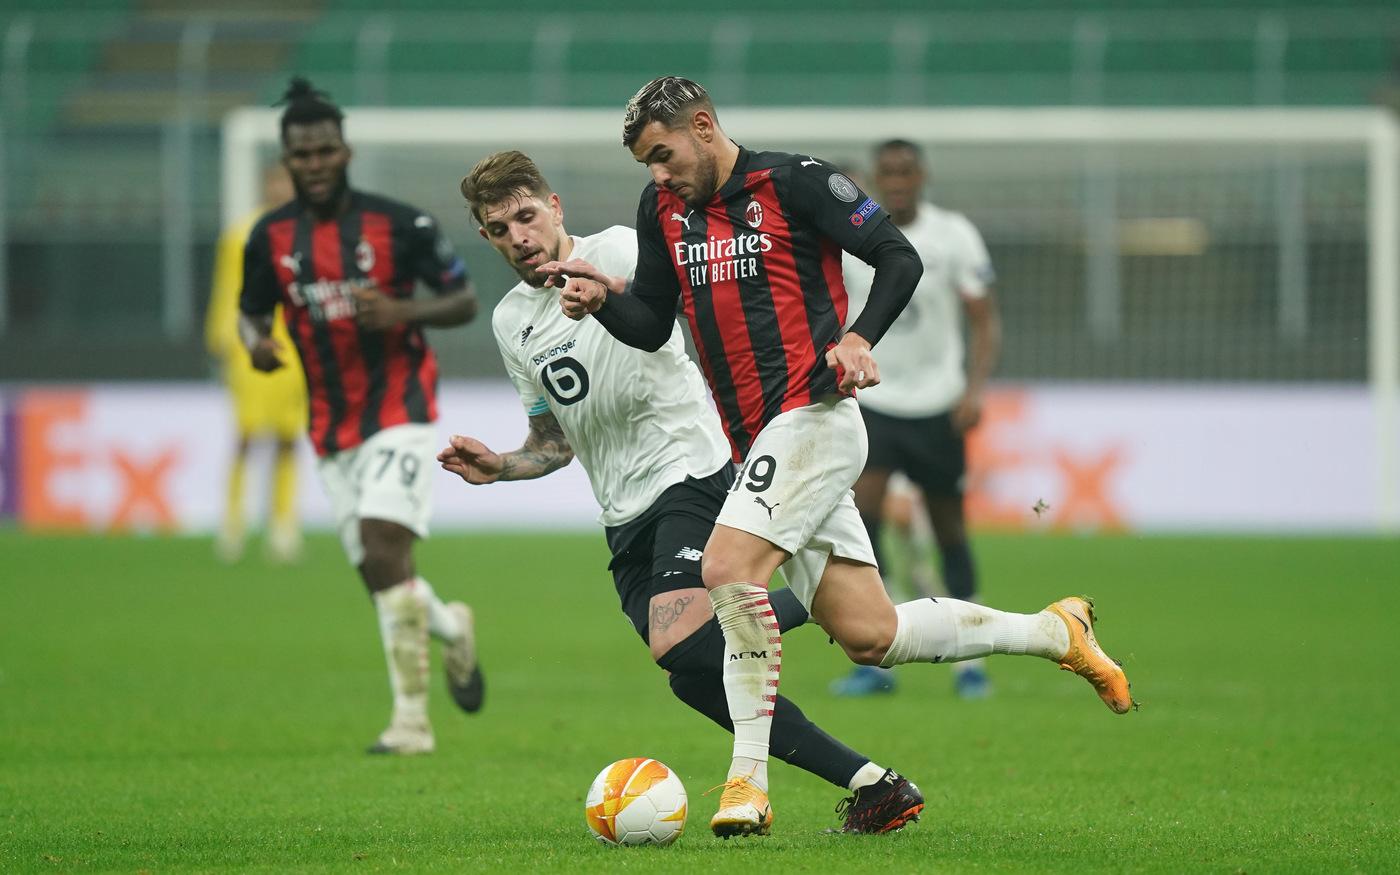 Calcio |  Europa League 2020-2021 |  il Milan cerca la rivincita contro il Lilla  Roma e Napoli a caccia del primato in solitaria